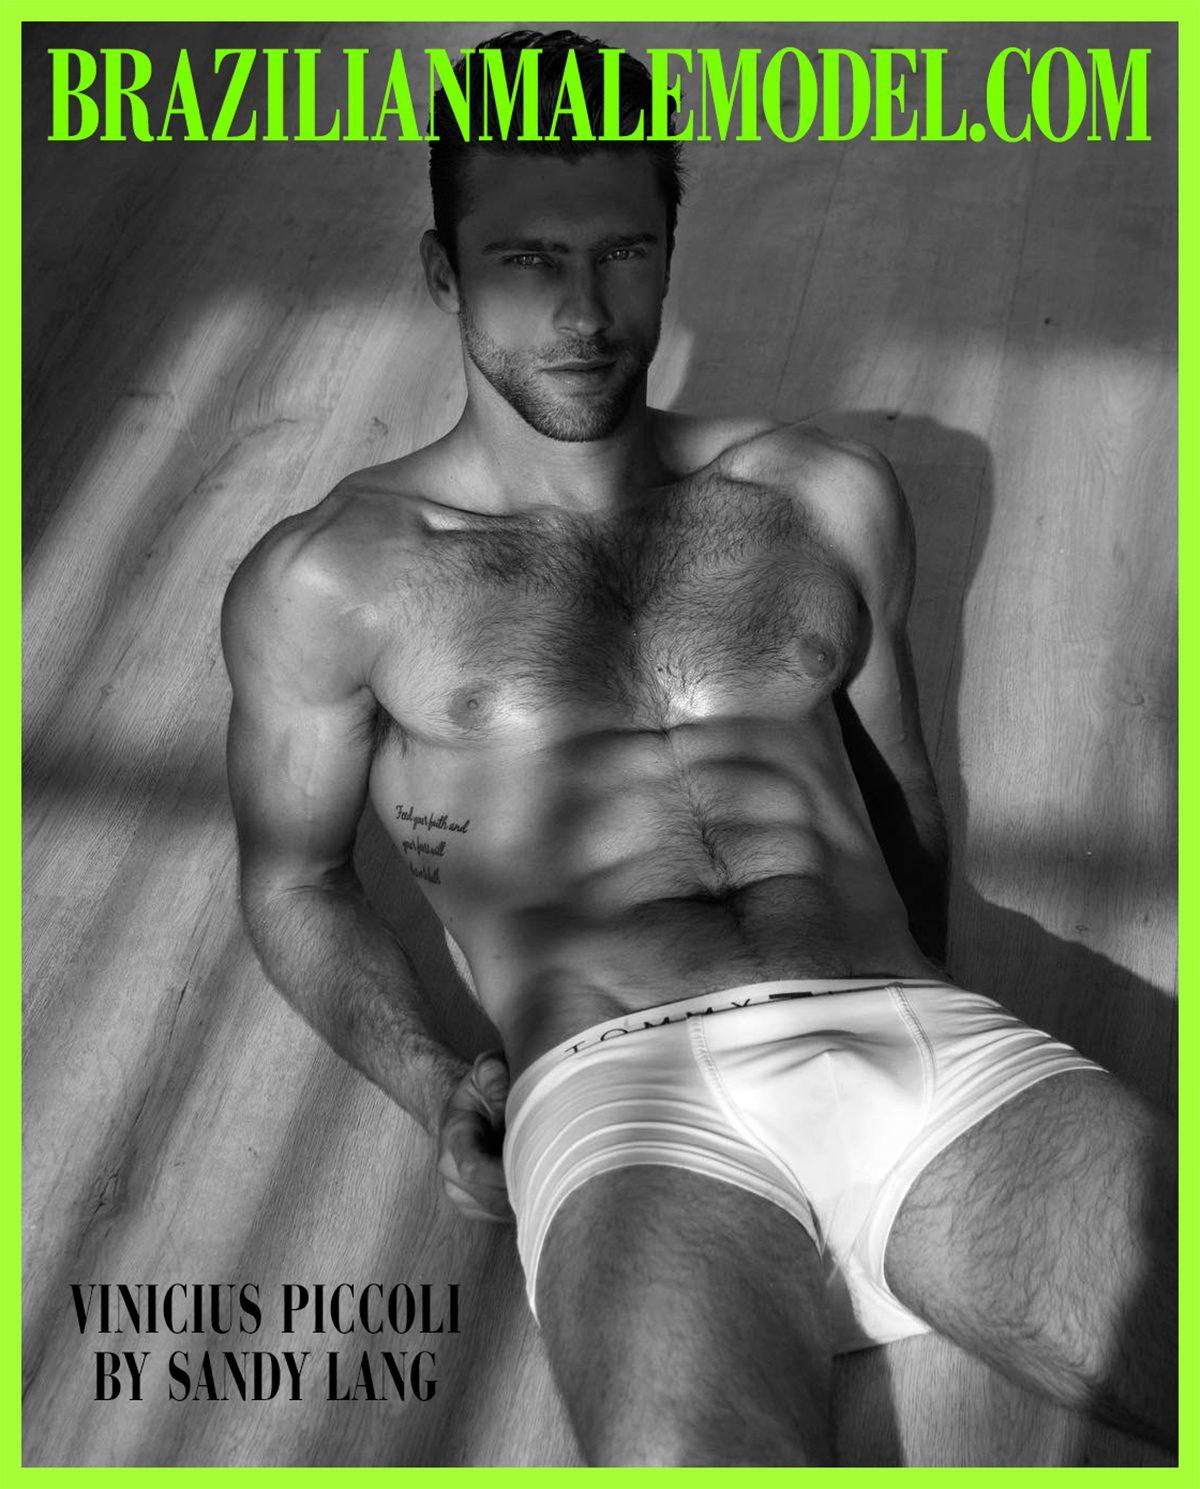 Vinicius Piccoli by Sandy Lang